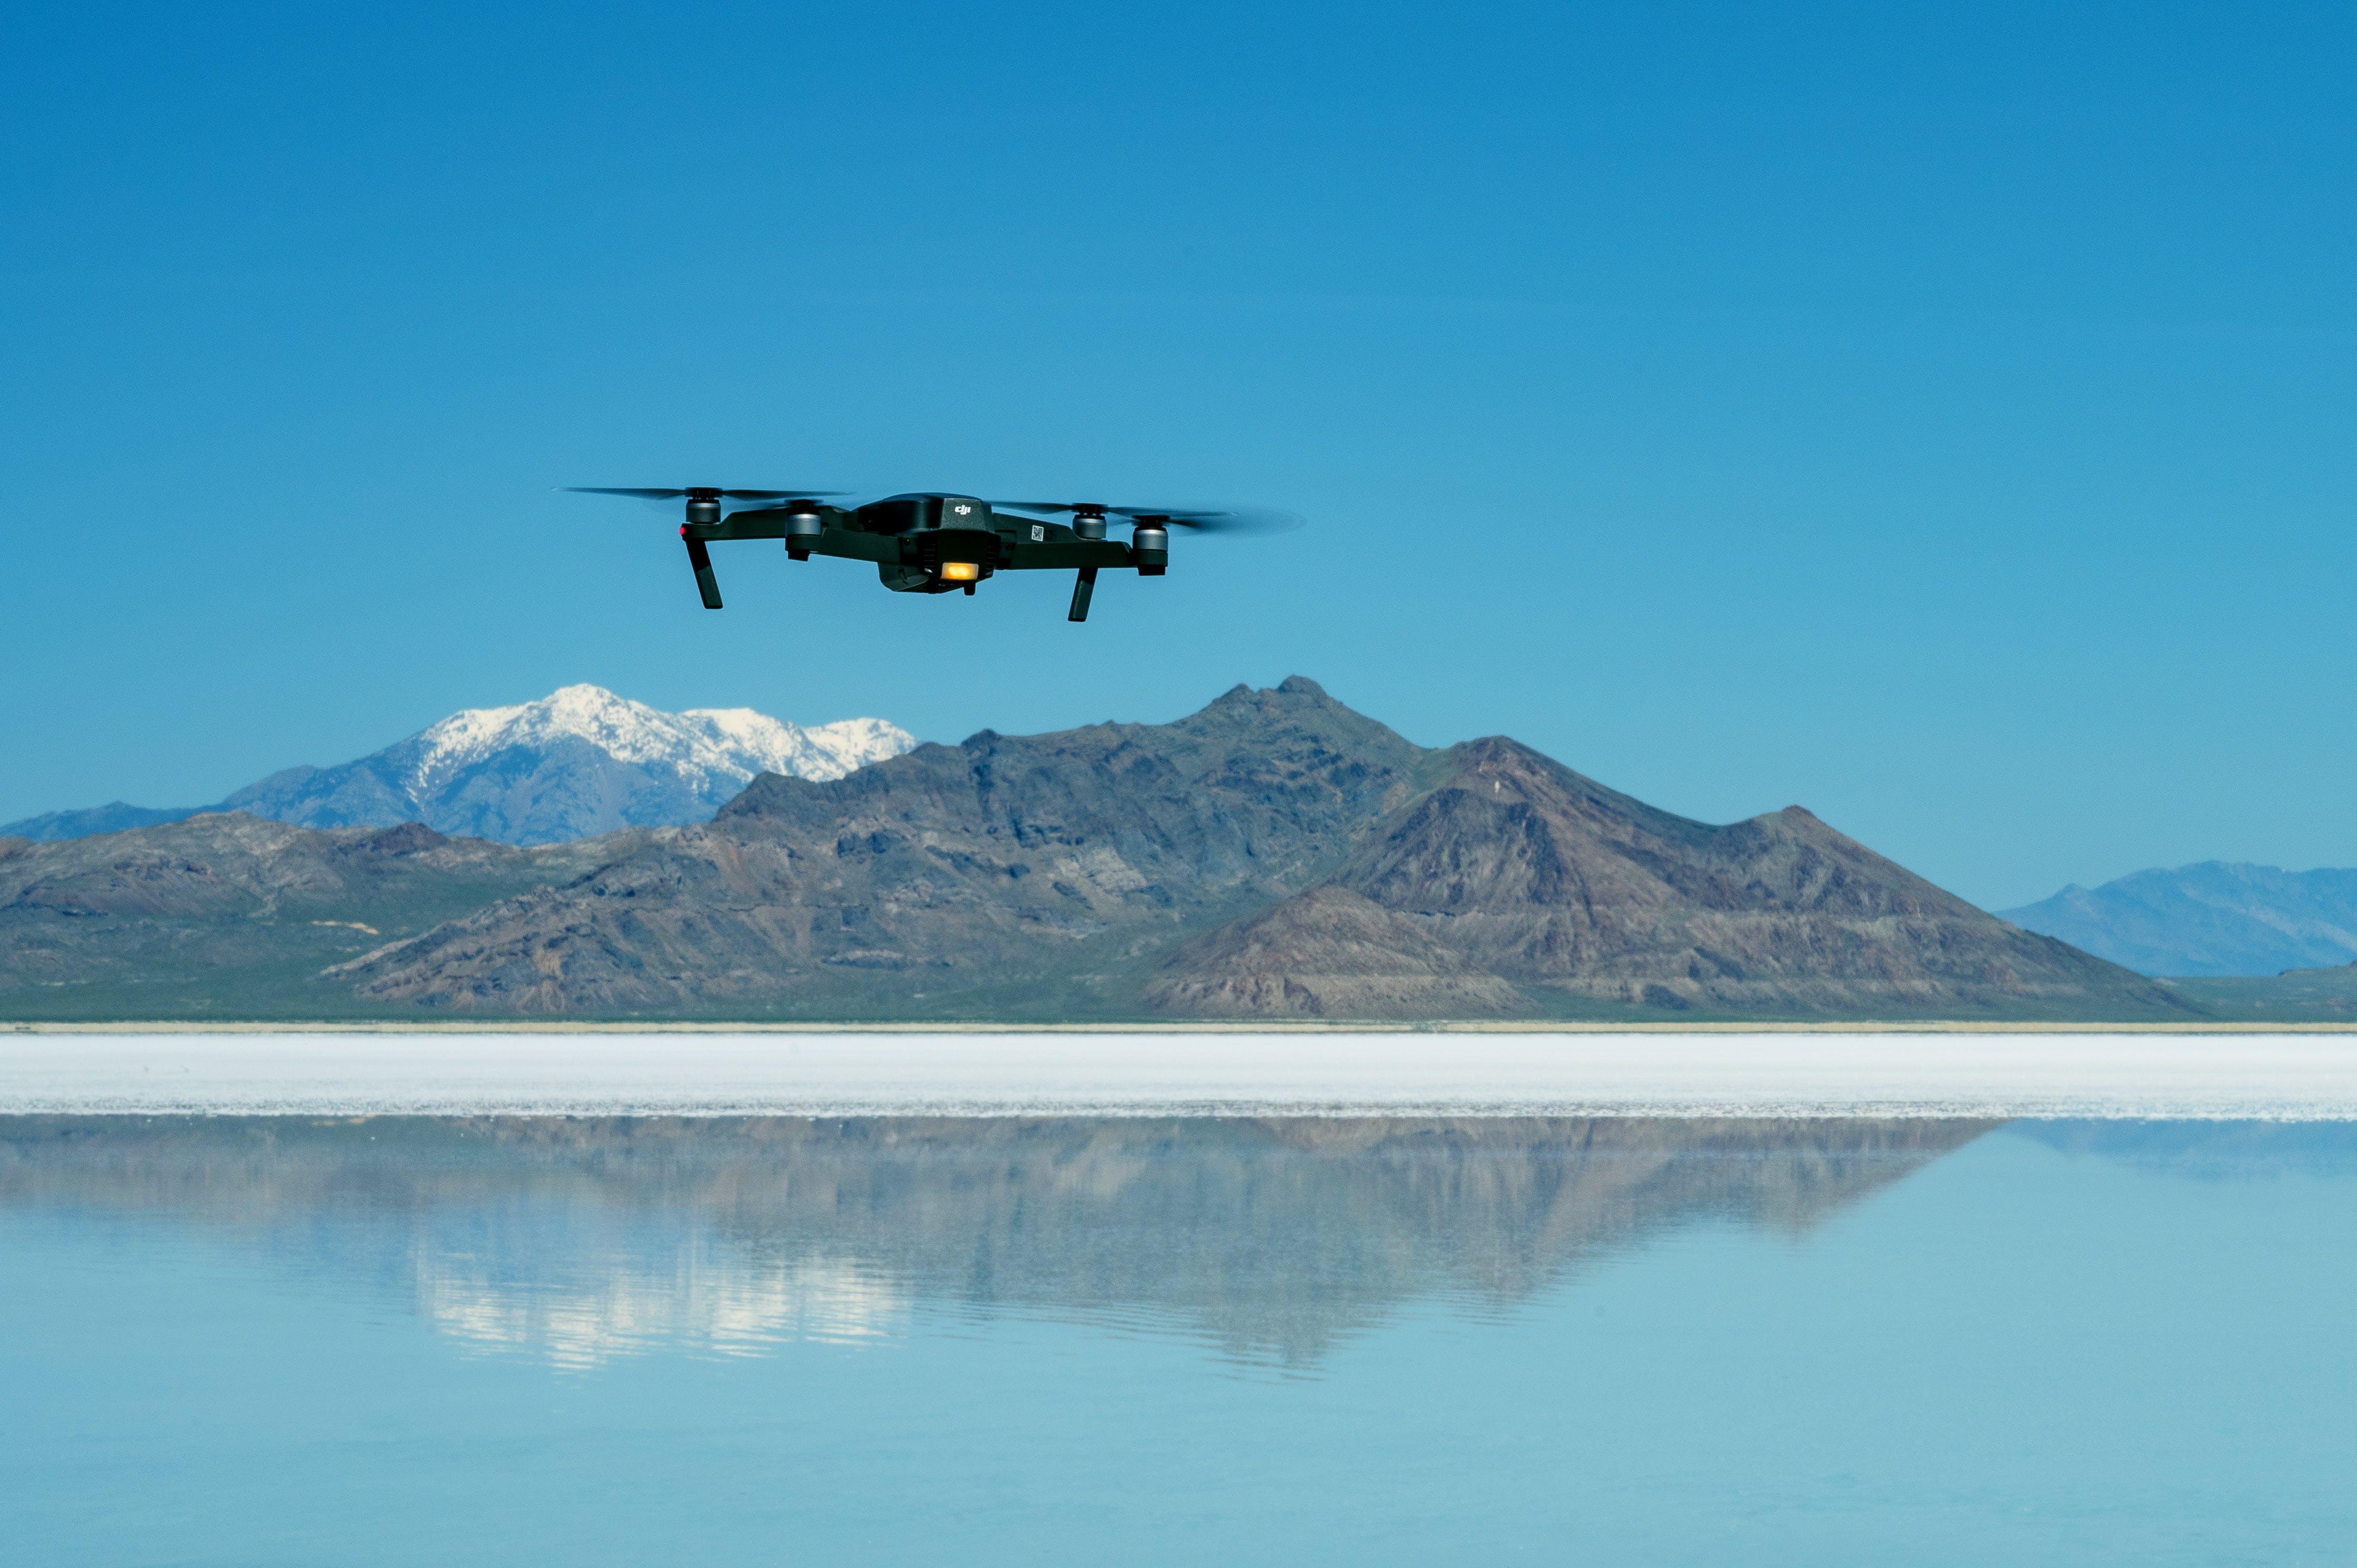 Gratis stockfoto met berg, beweging, daglicht, drone